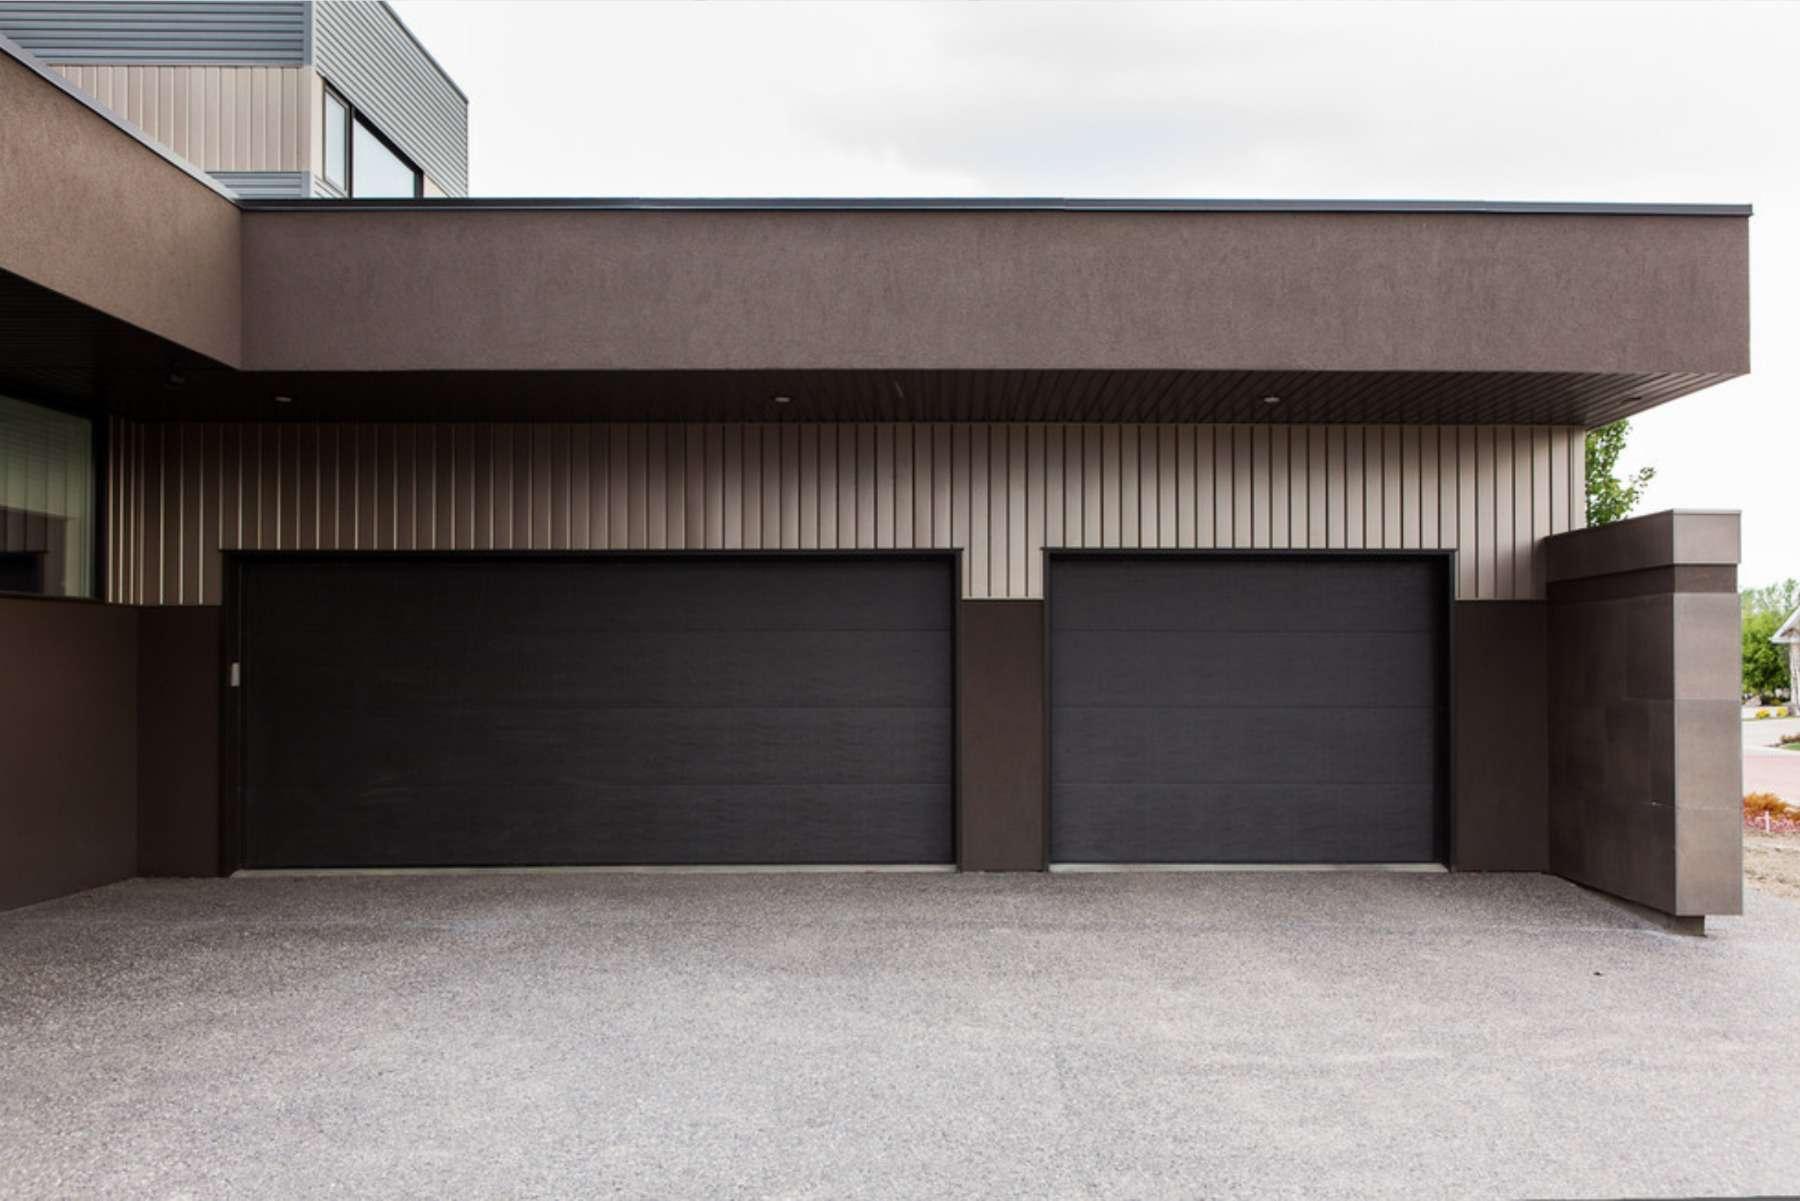 imágenes de puertas de garaje